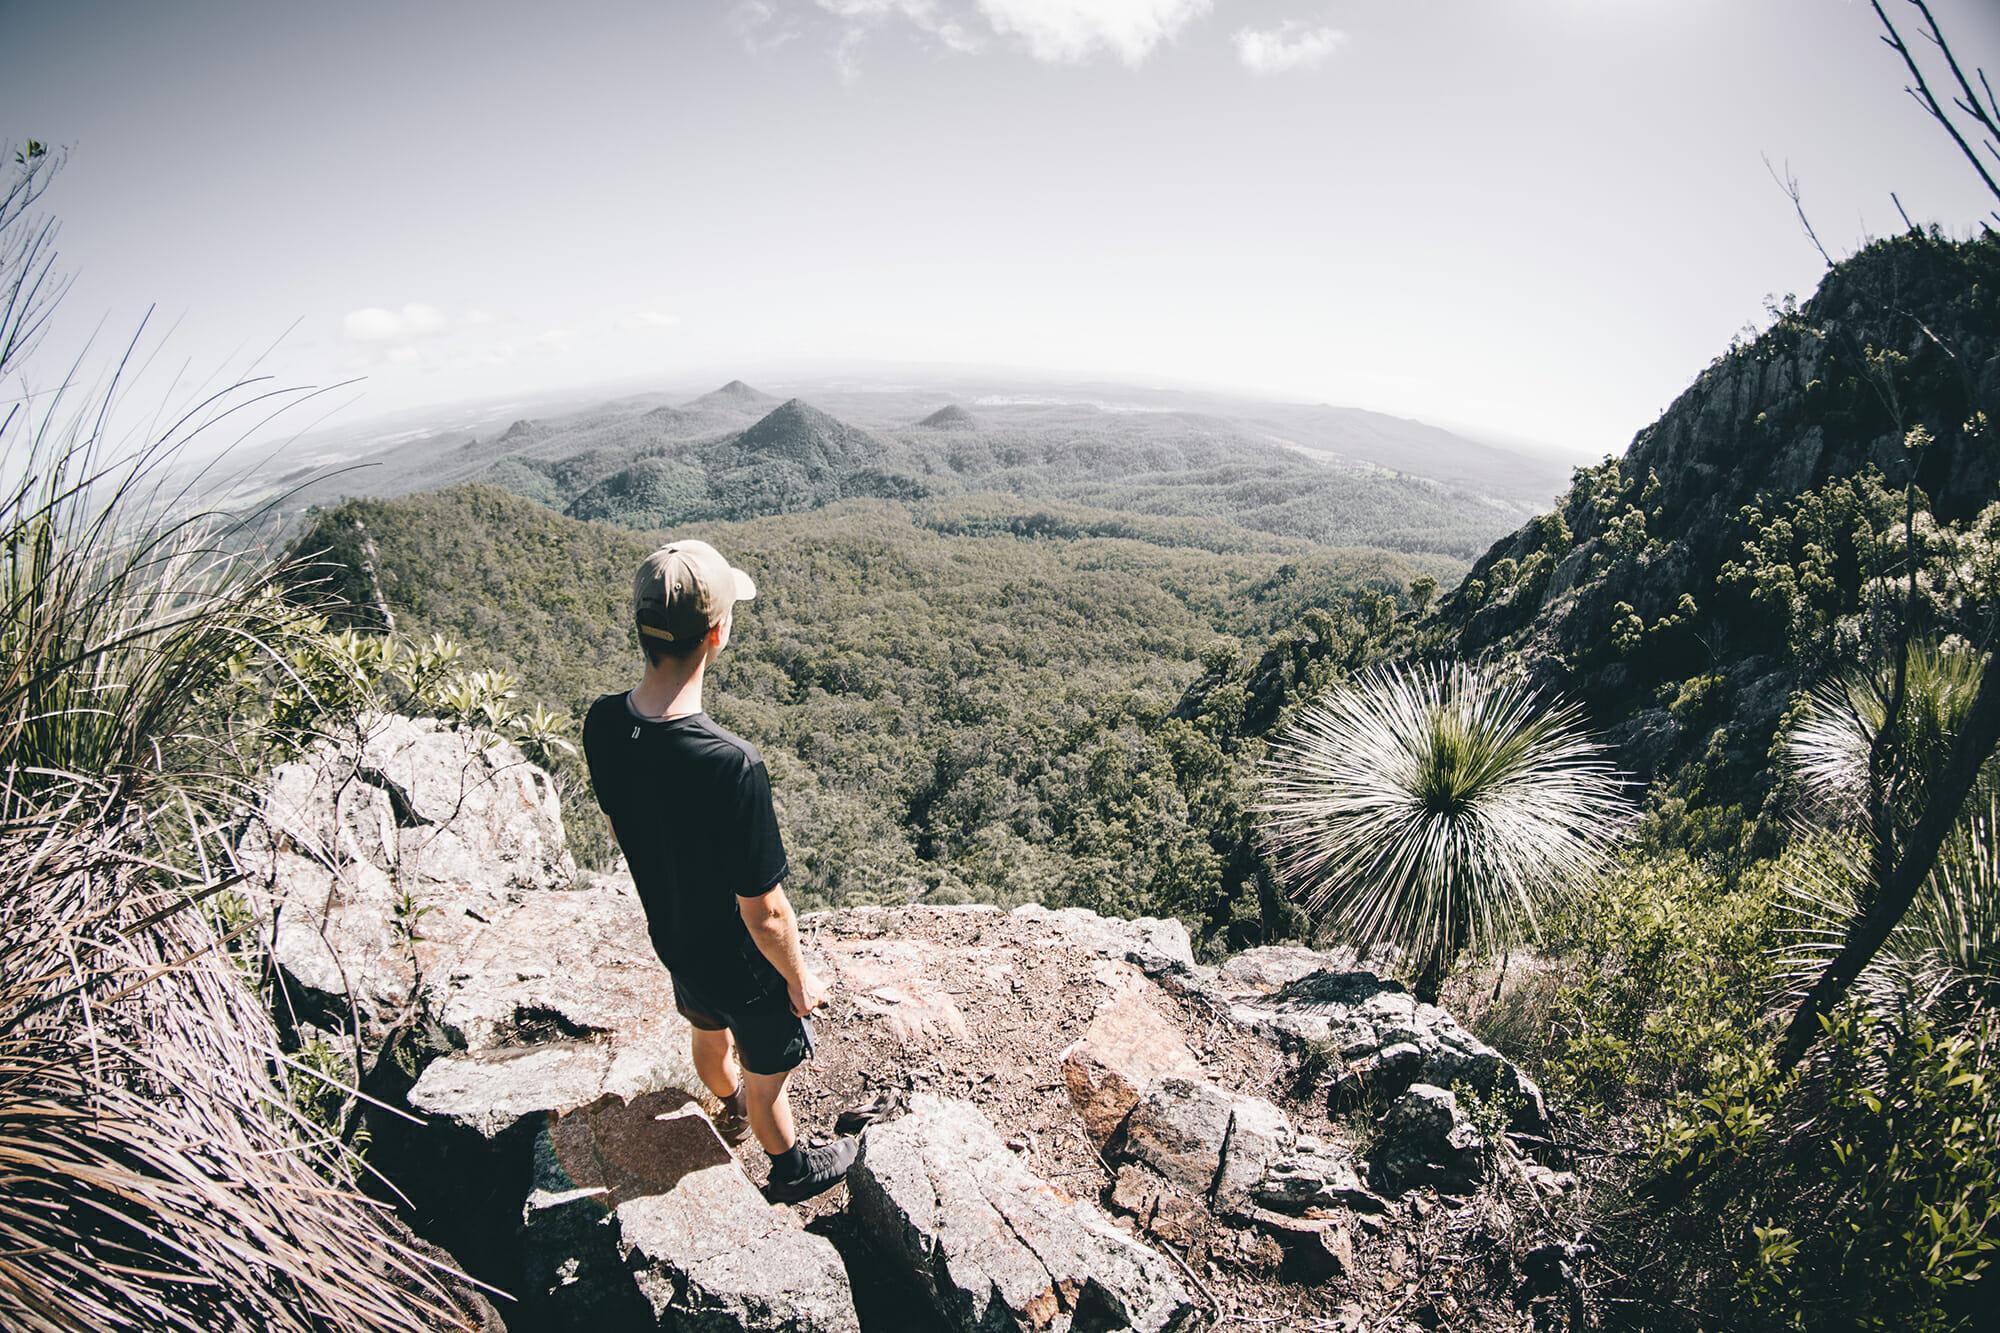 Flinders Peak Hike by Momo Frank